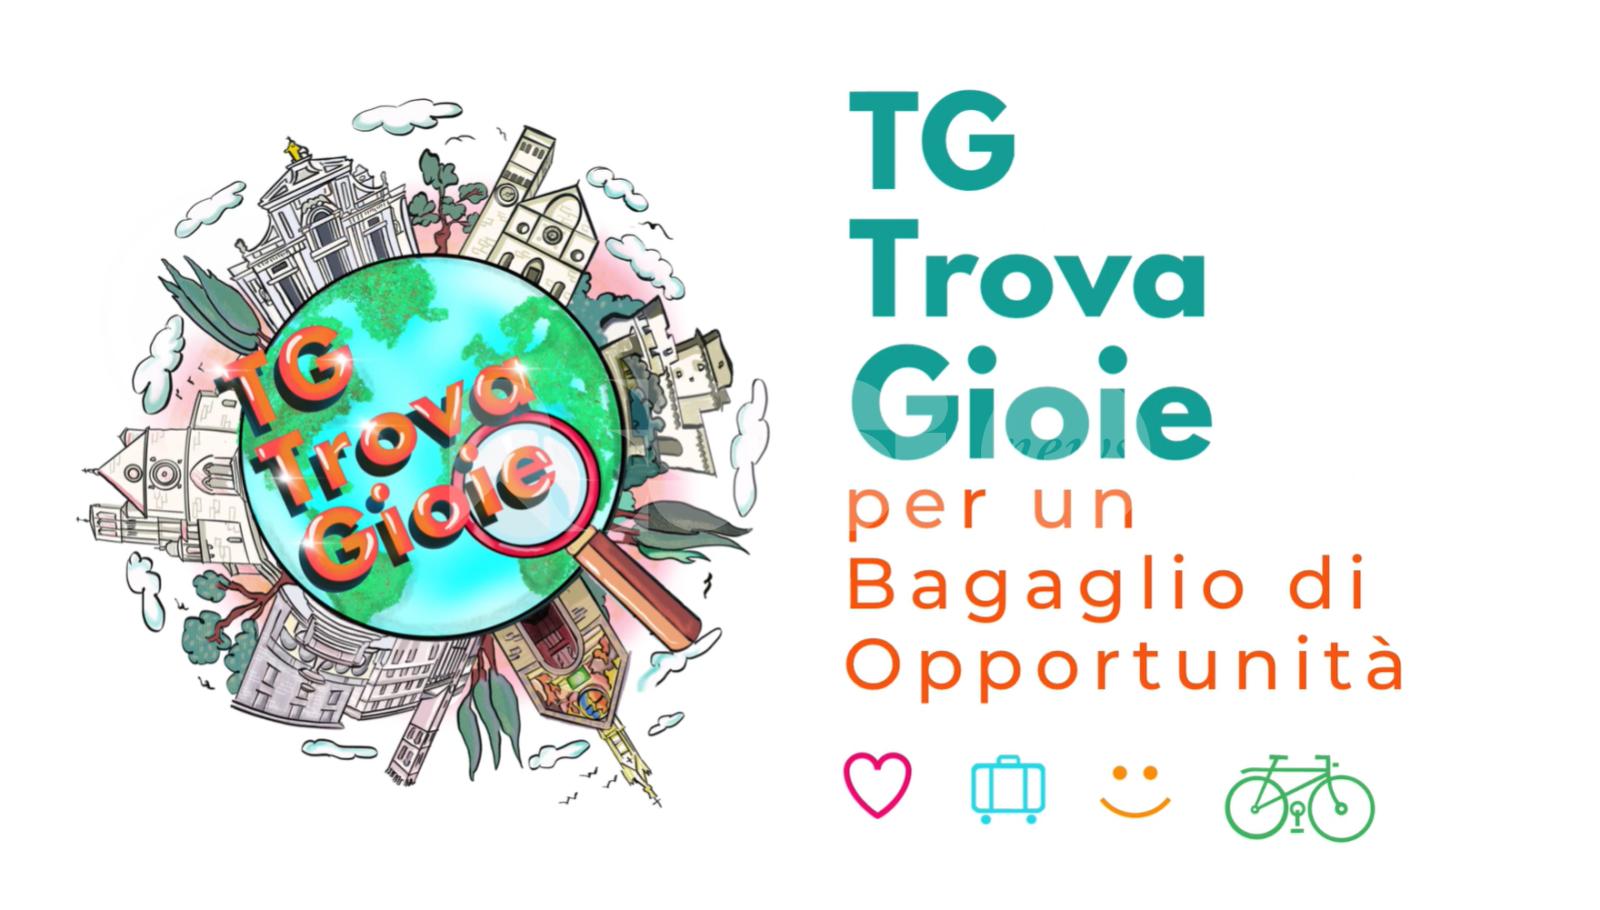 TG - Trova Gioie, un progetto per scoprire Assisi in maniera alternativa